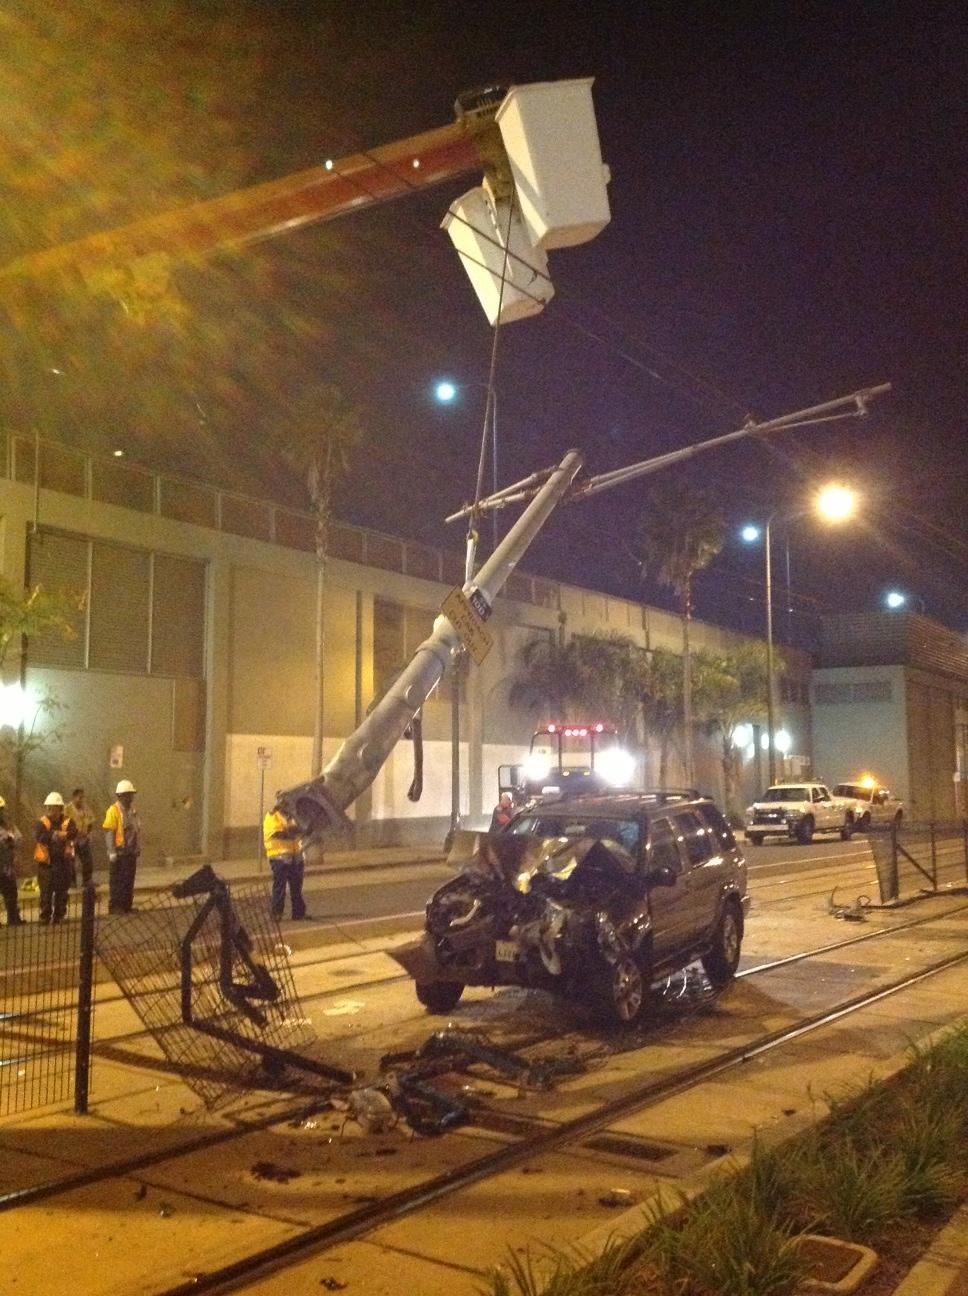 Un aspecto del accidente en donde fue derribado un poste de energía eléctrica en la Línea Expo. Mañana sábado se llevará a cabo la re-instalación de un nuevo poste.